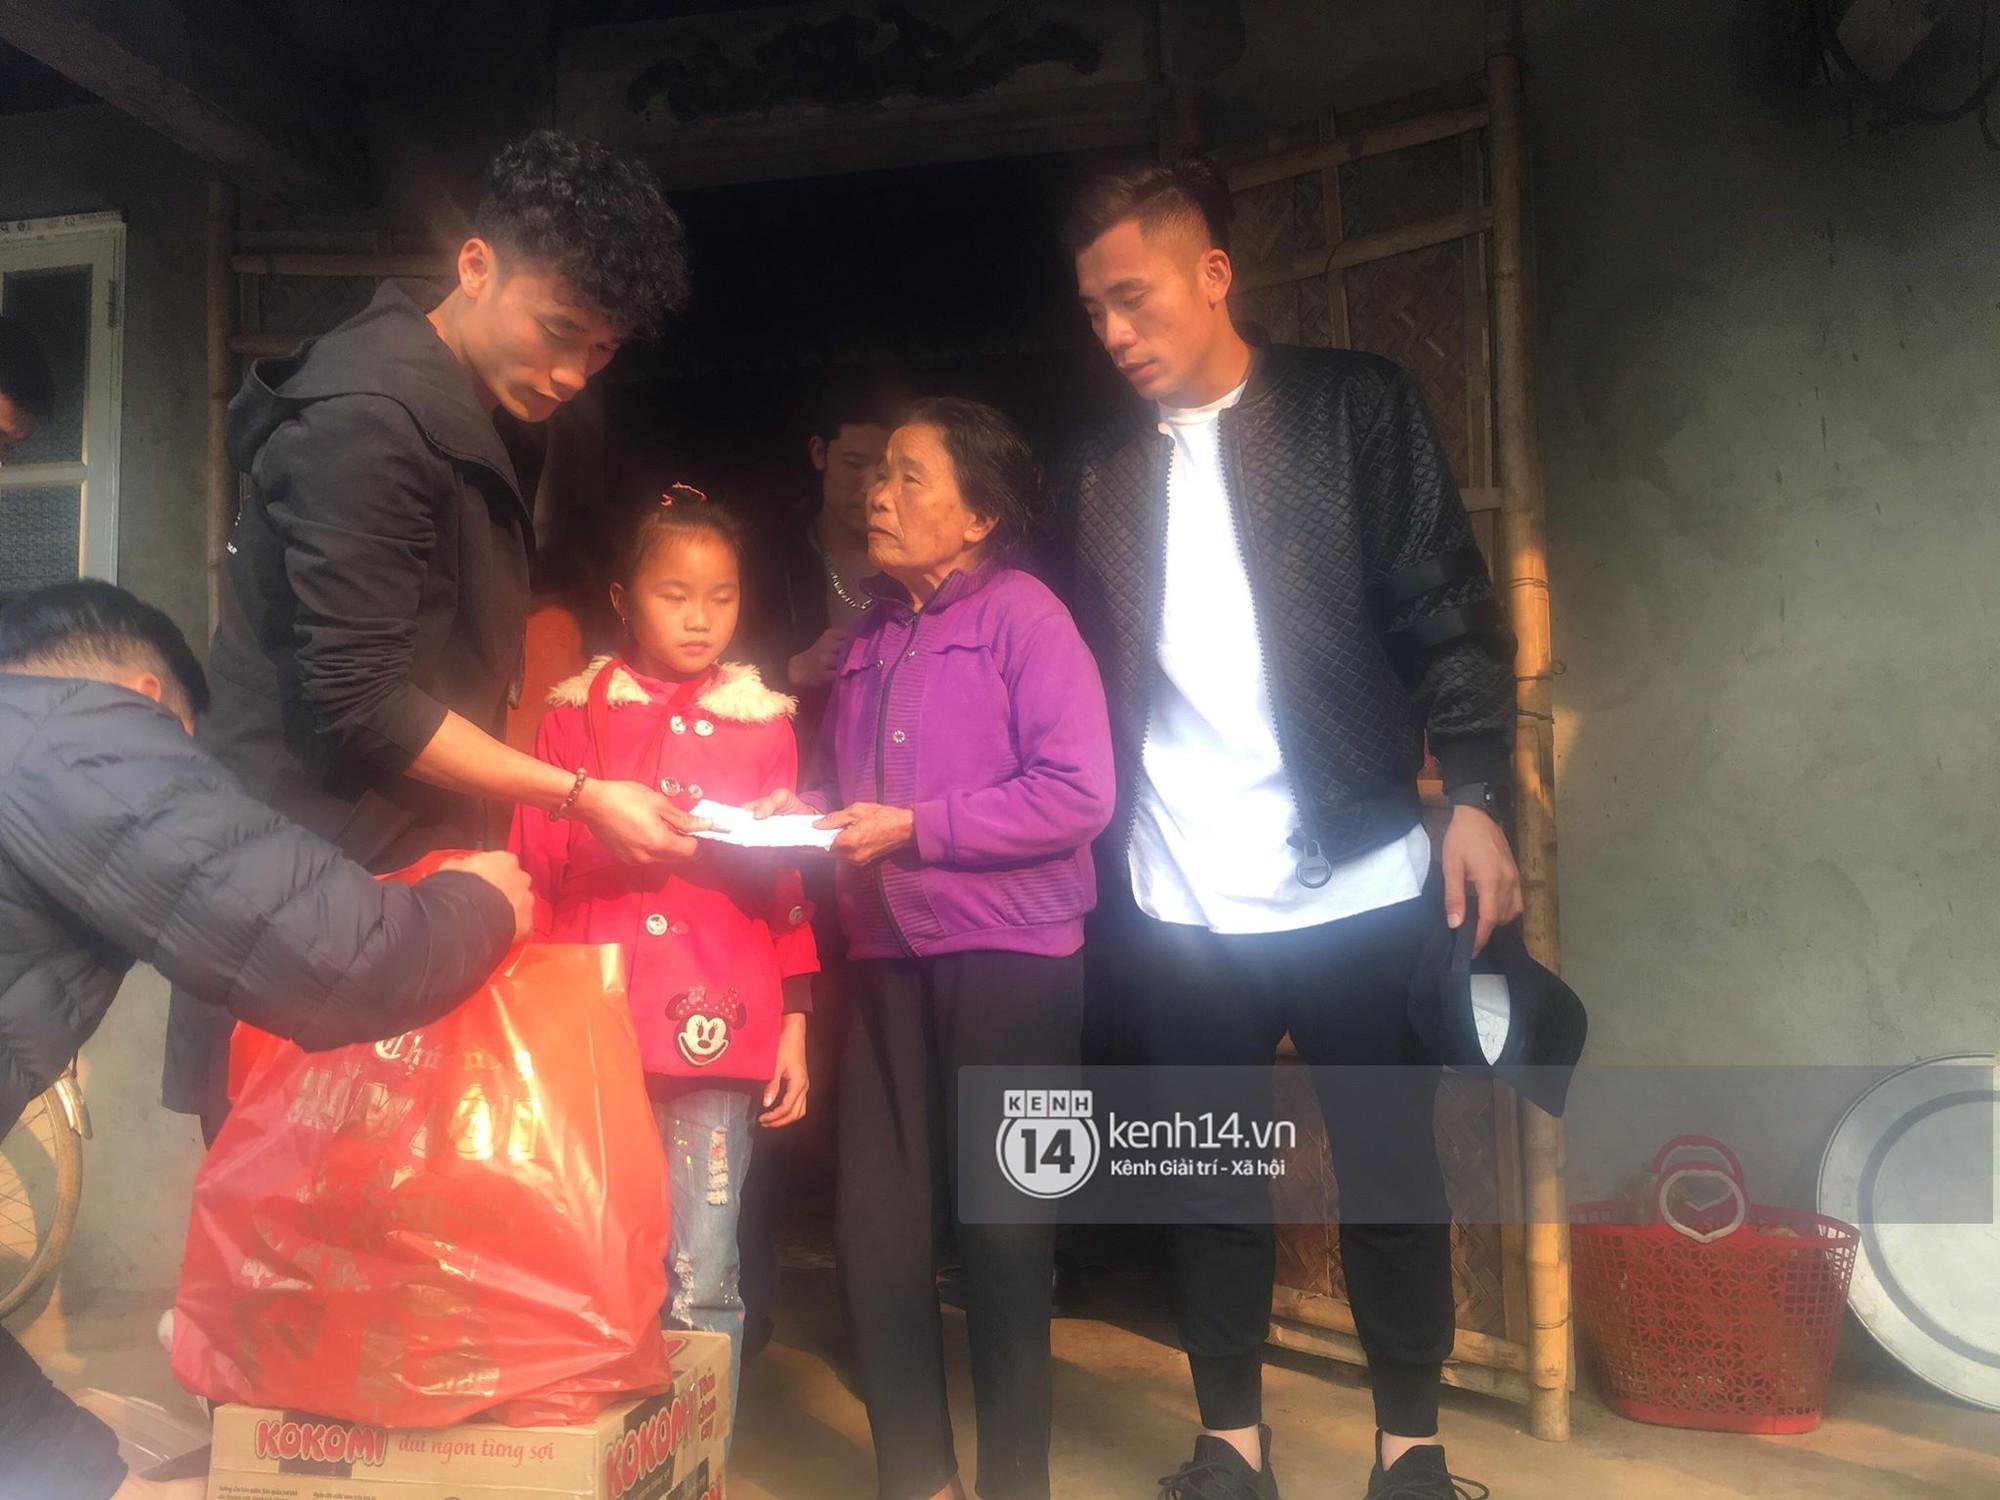 Vừa về đến nhà, hai anh em Tiến Dũng - Tiến Dụng đã đi tặng quà từ thiện cho gia đình khó khăn trong làng - Ảnh 4.